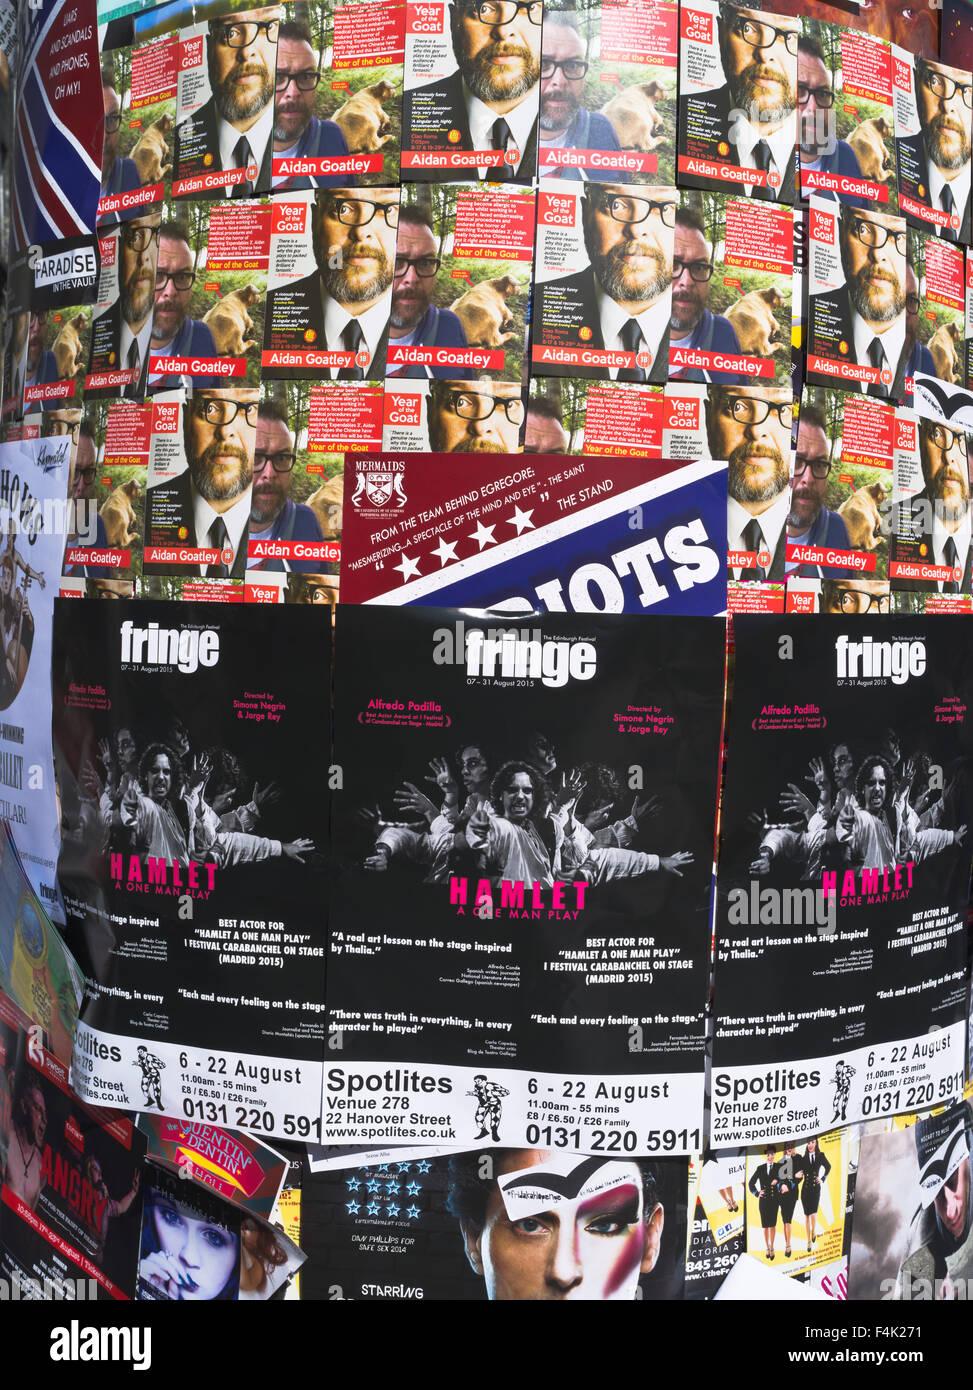 dh  FRINGE FESTIVAL EDINBURGH Fringe festival advertising posters billboard poster sign - Stock Image